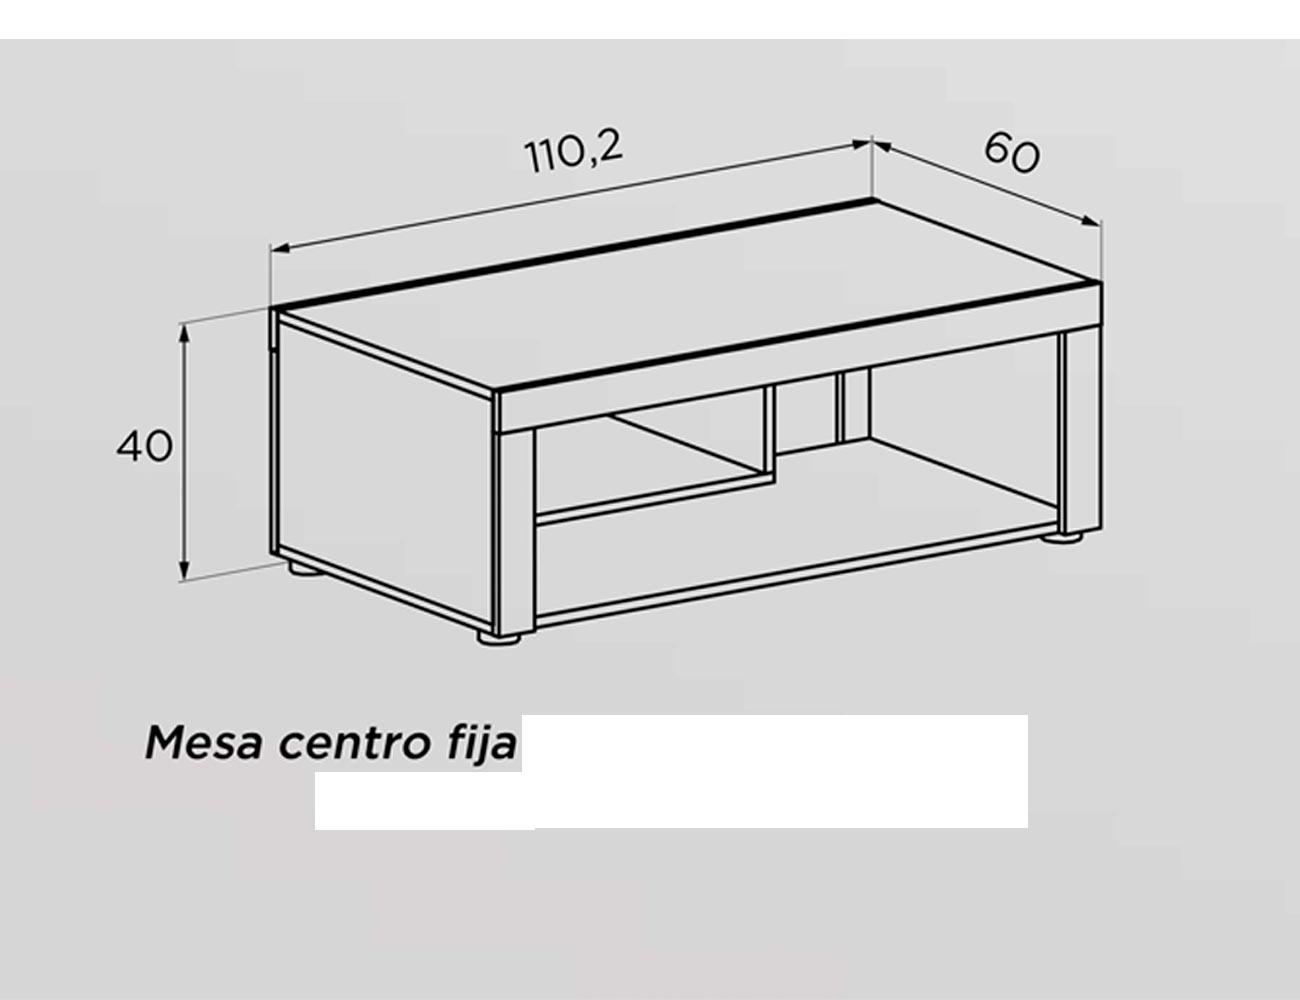 Tecnico mesa centro fija 110